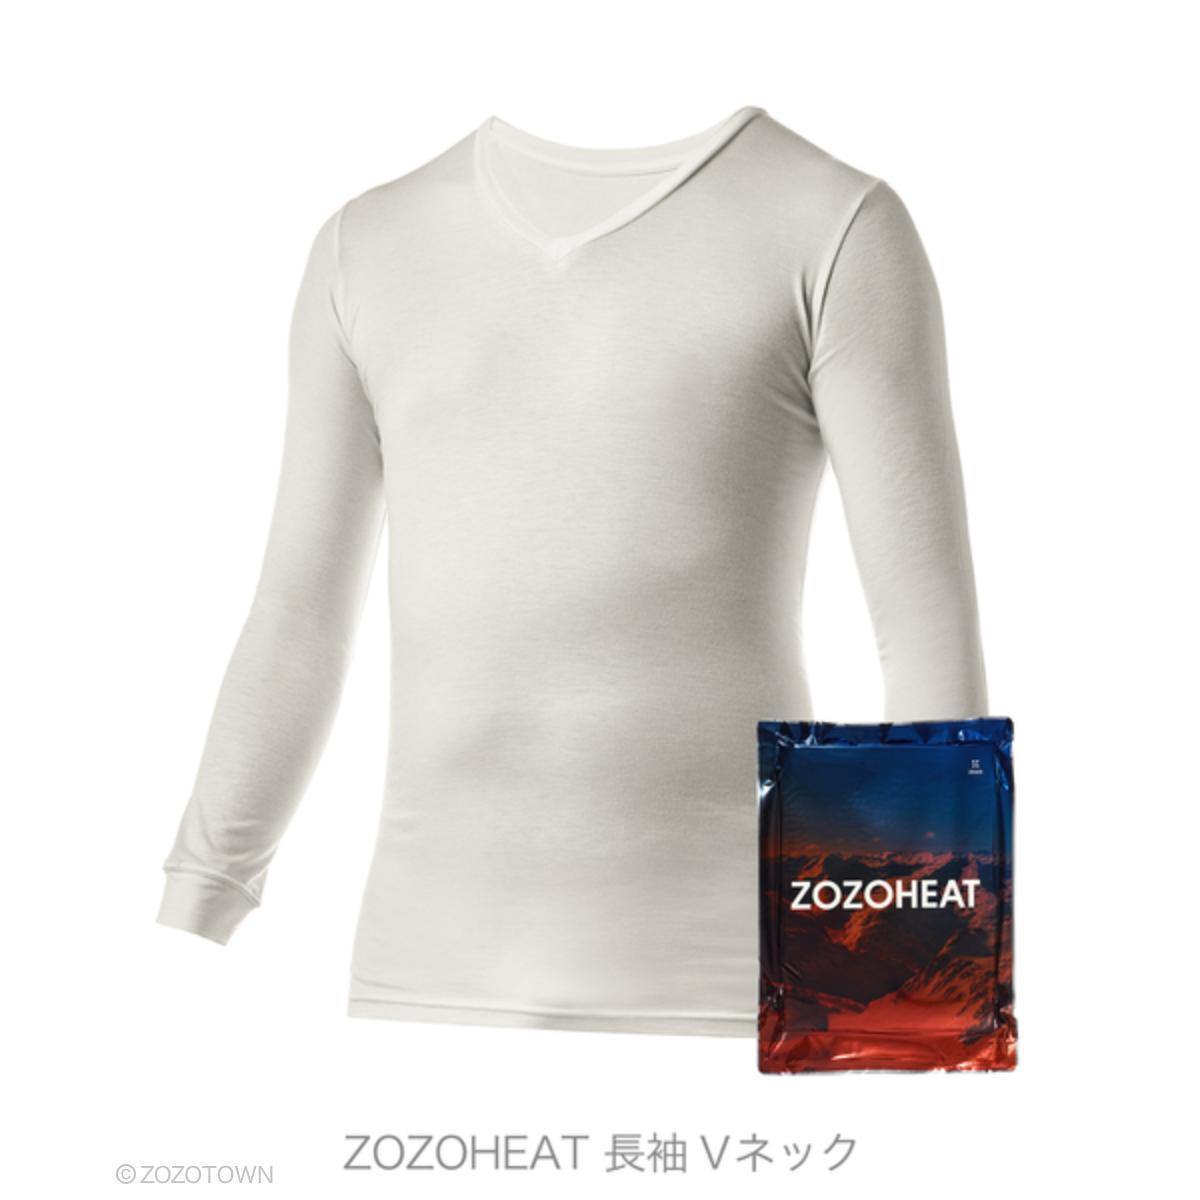 【ZOZO】 その他アンダーウェア/インナー